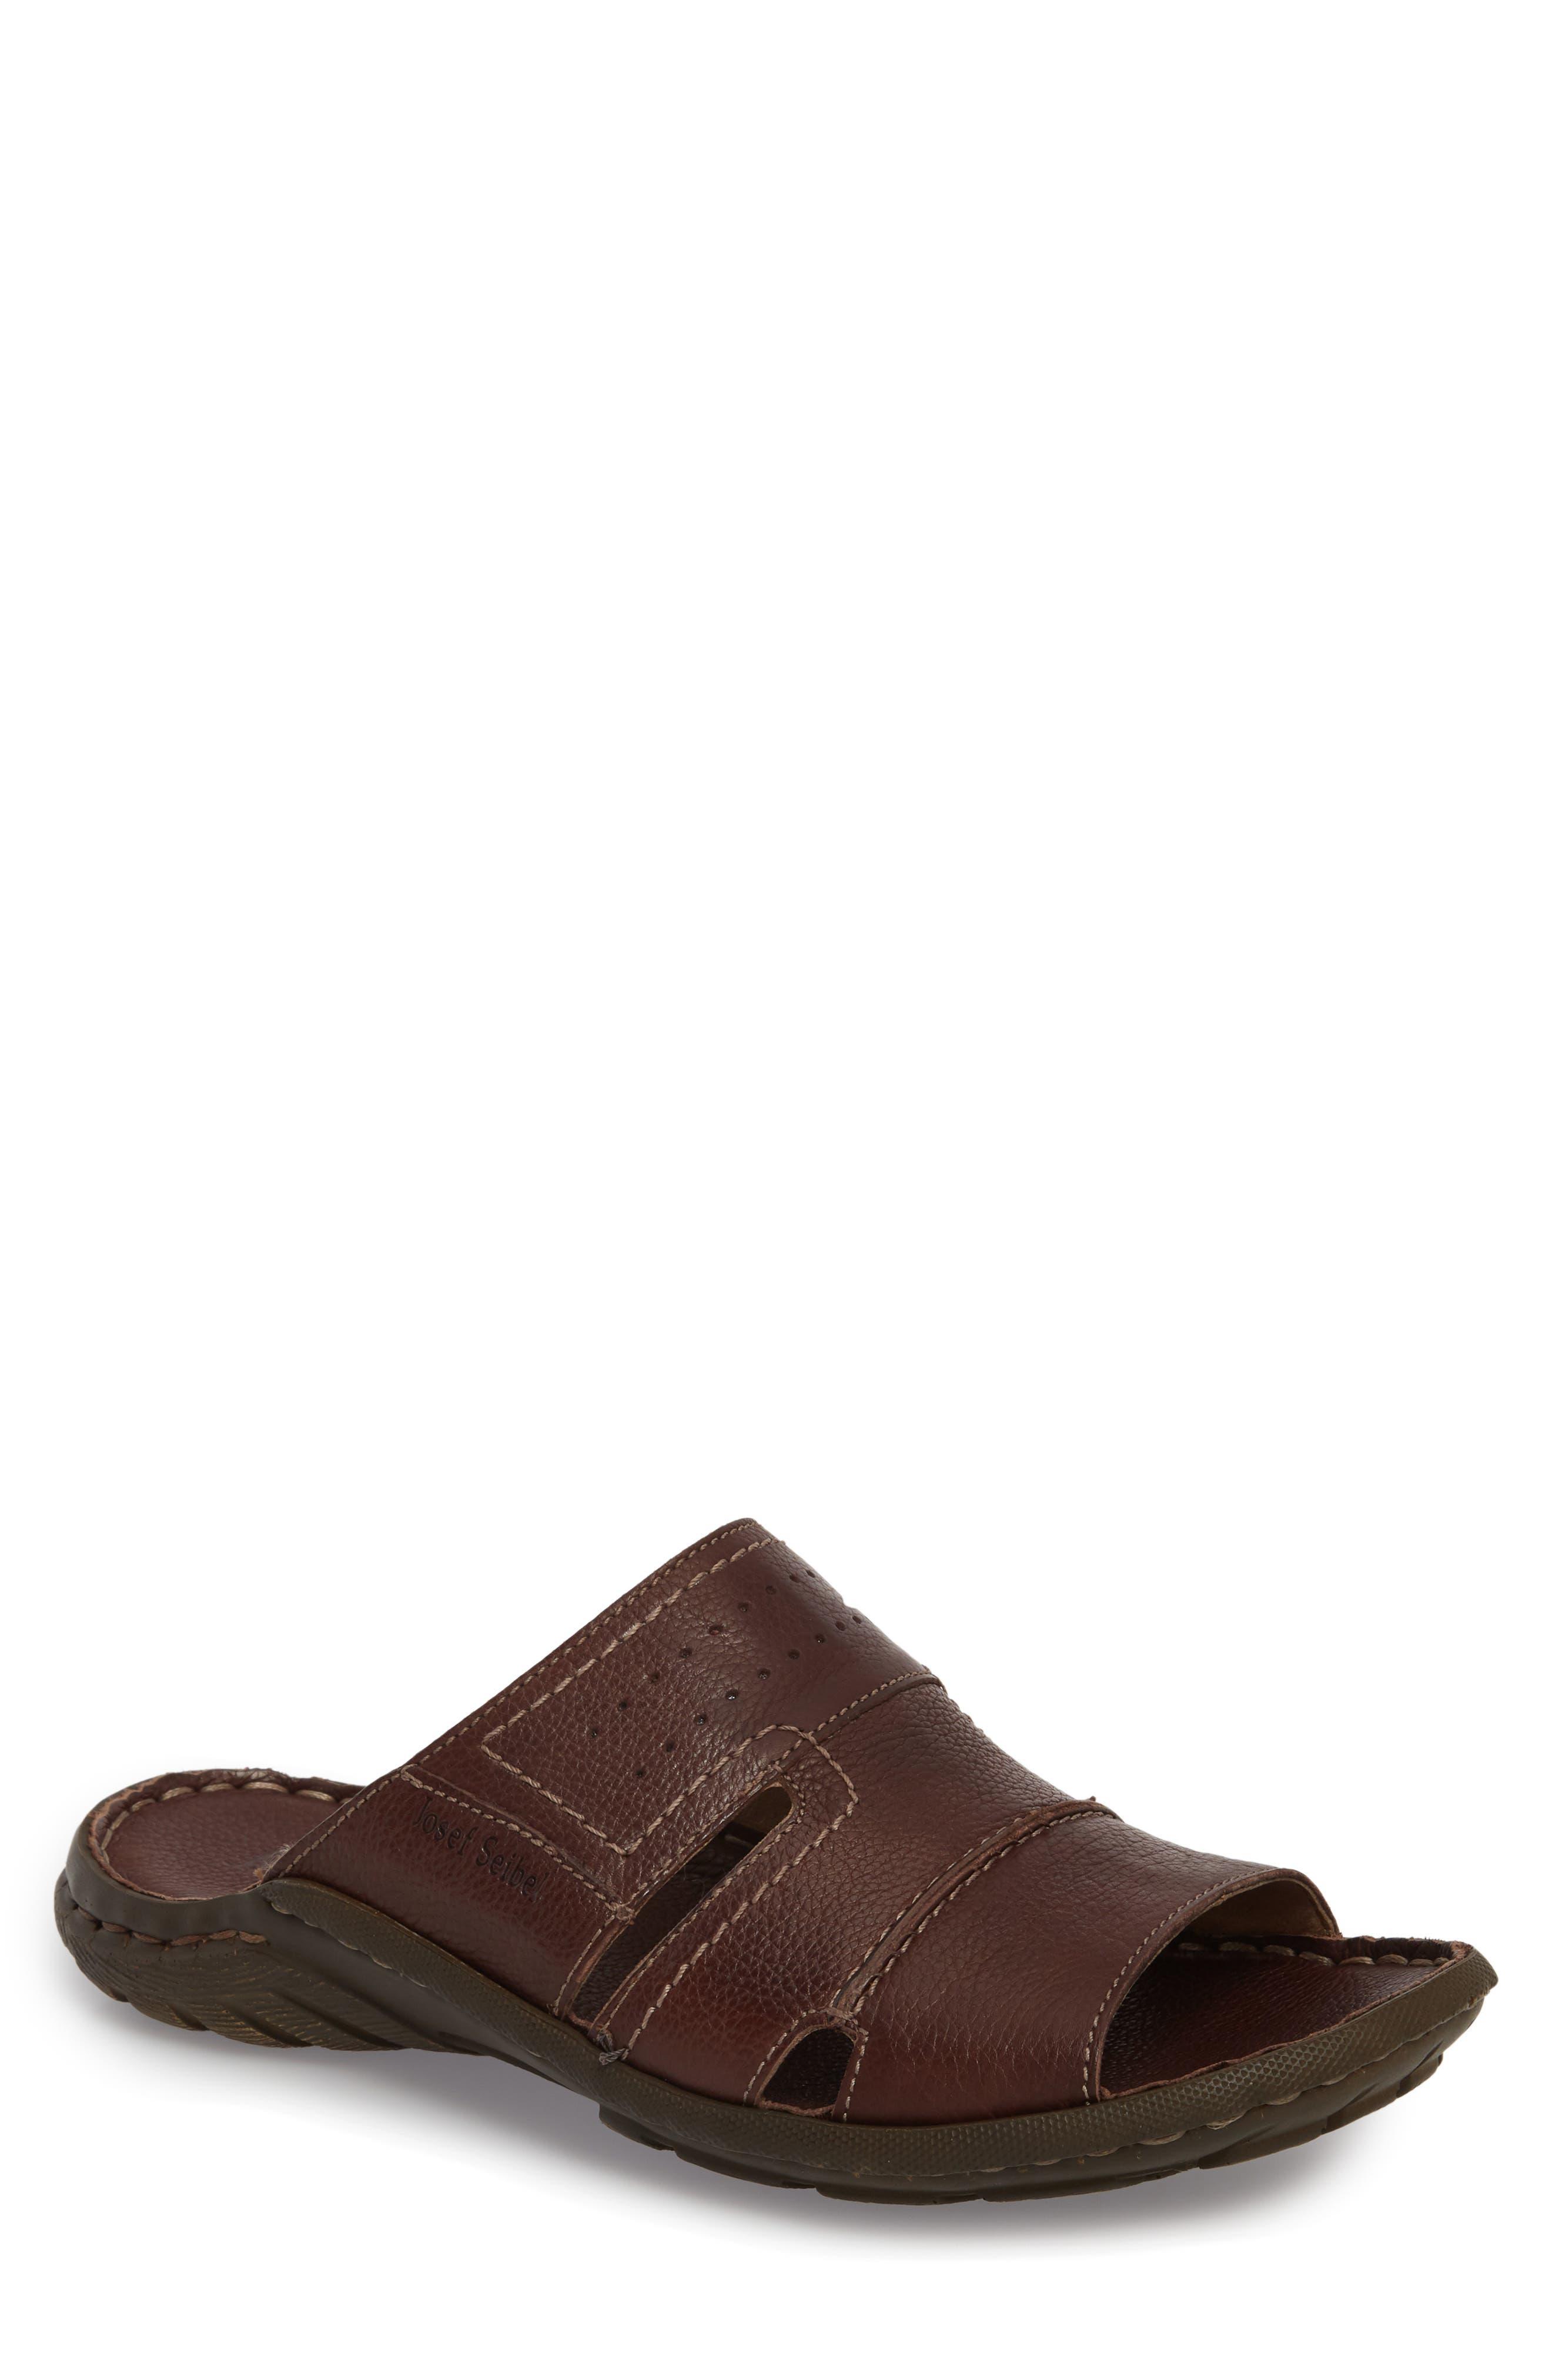 Logan Slide Sandal,                         Main,                         color, Brown Leather